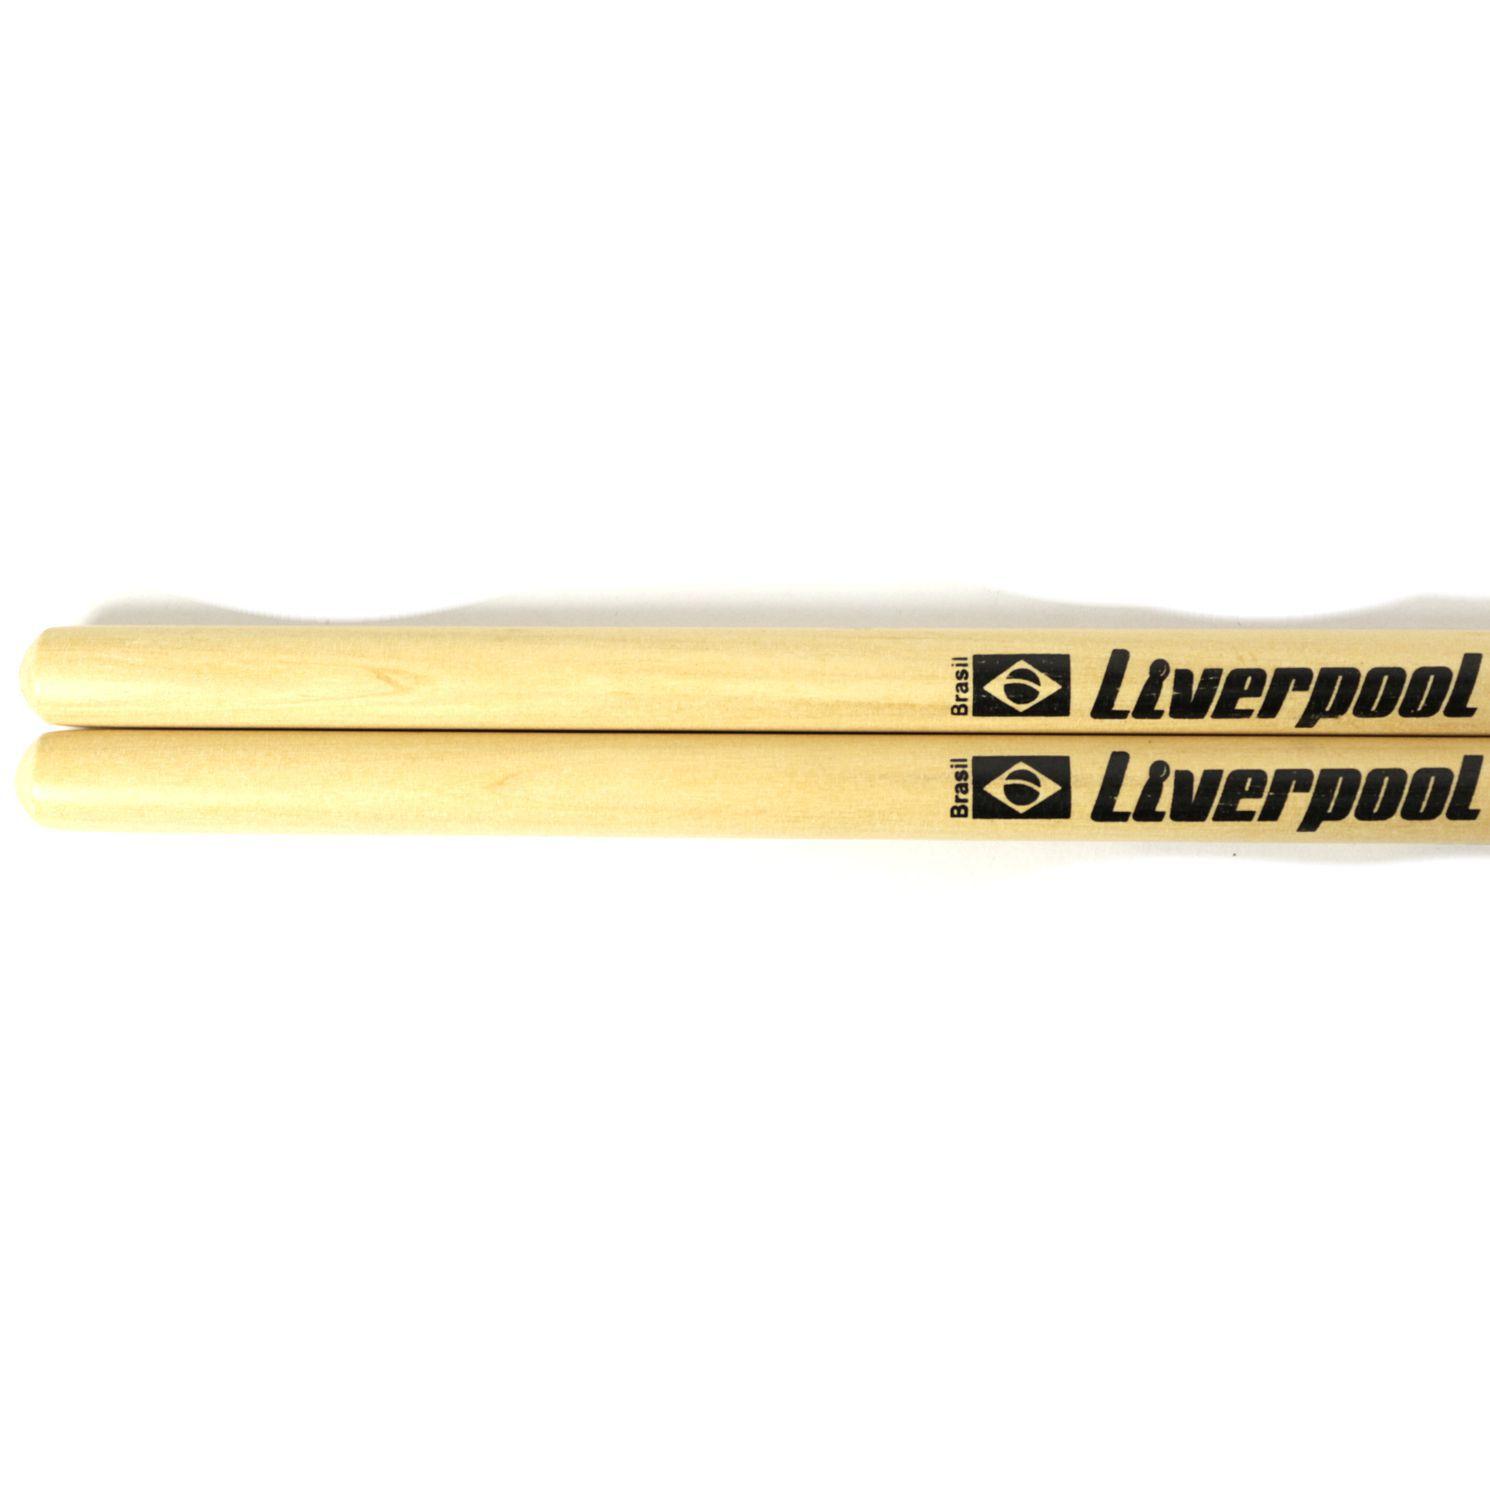 Baquetas 5B em Marfim Liverpool Classic Series Ponta de NYLON LL 5BN - Pacote com 05 Pares